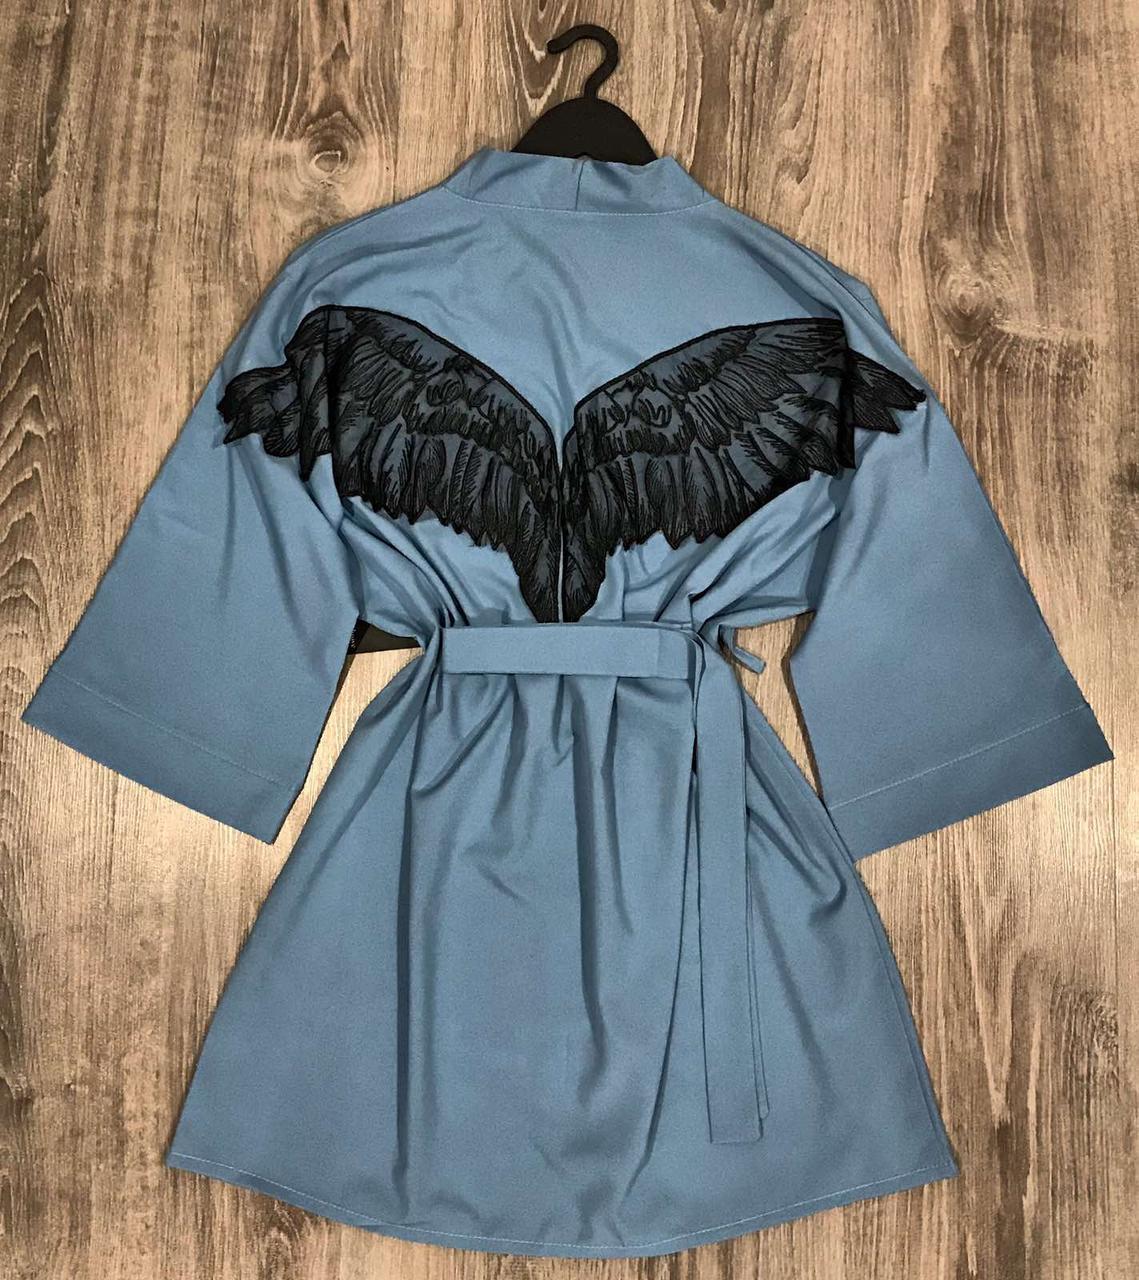 Голубой женский халат-кимоно с  крыльями ангела, женские халаты.